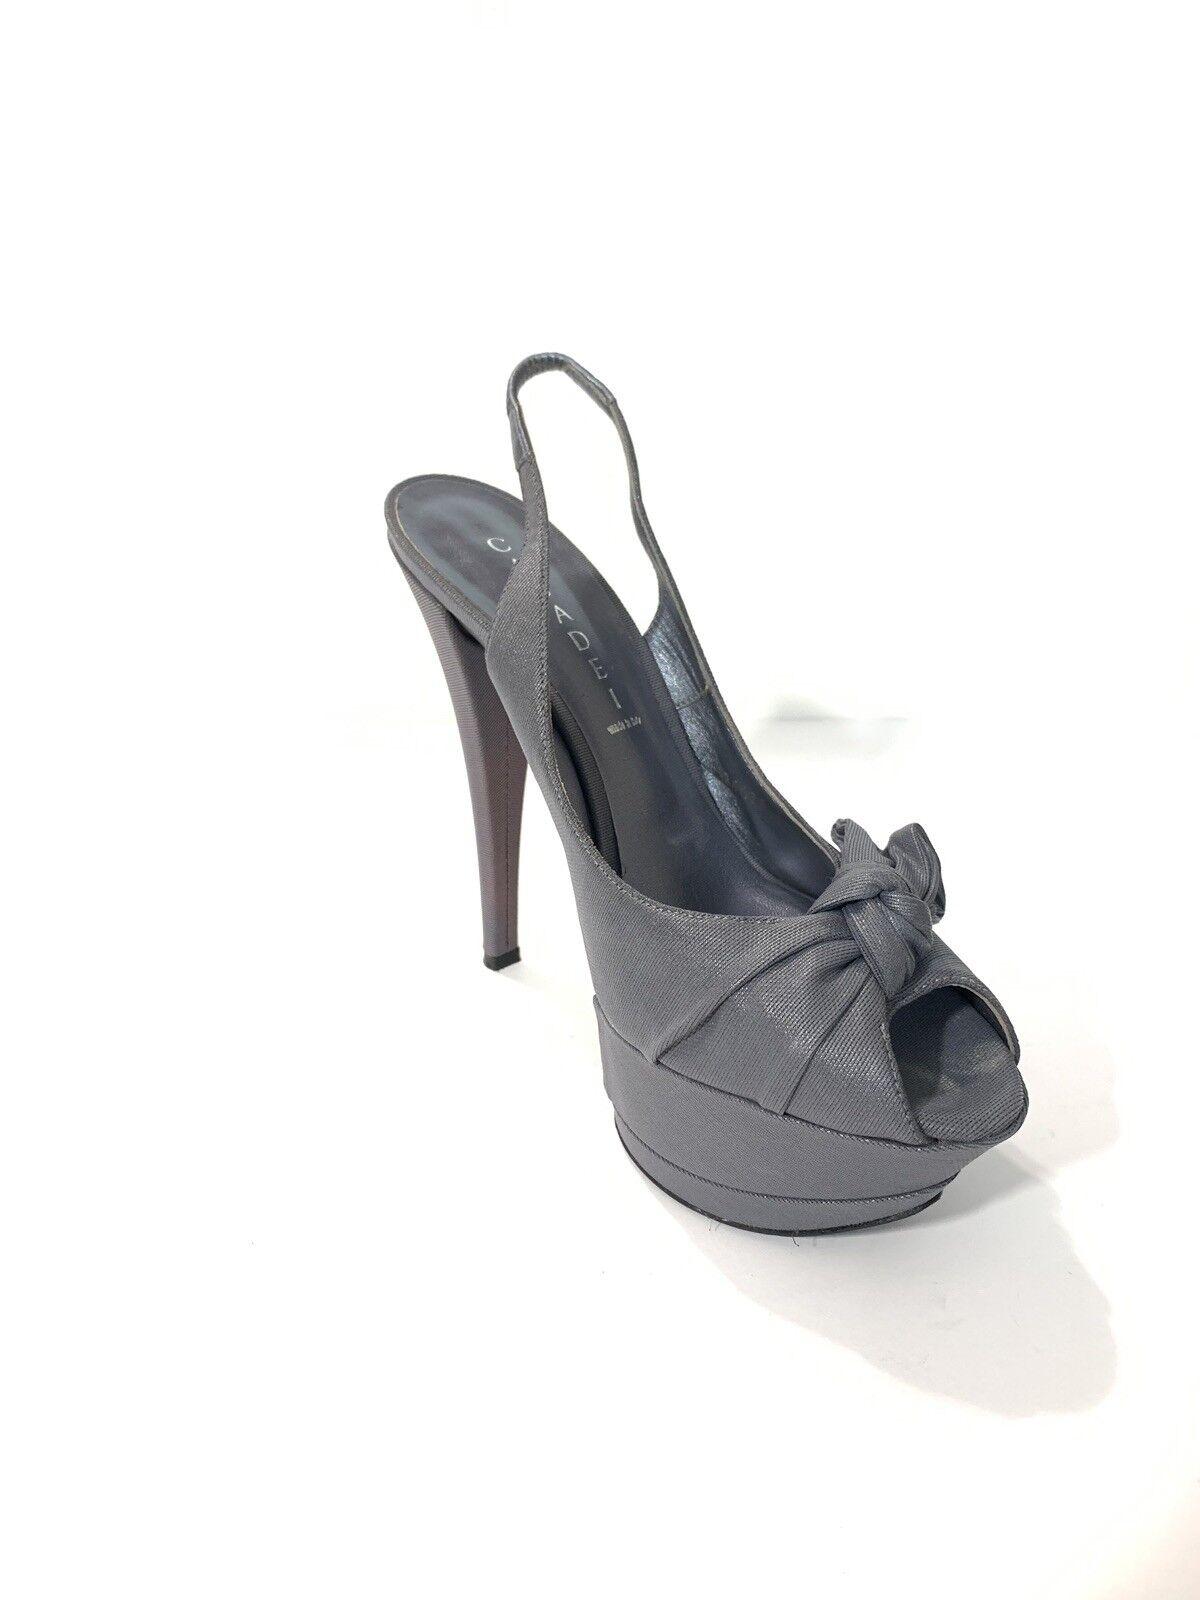 Casadei Zapatos Tacones Talla 9 Color gris Hecho Hecho Hecho en Italia  Precio al por mayor y calidad confiable.